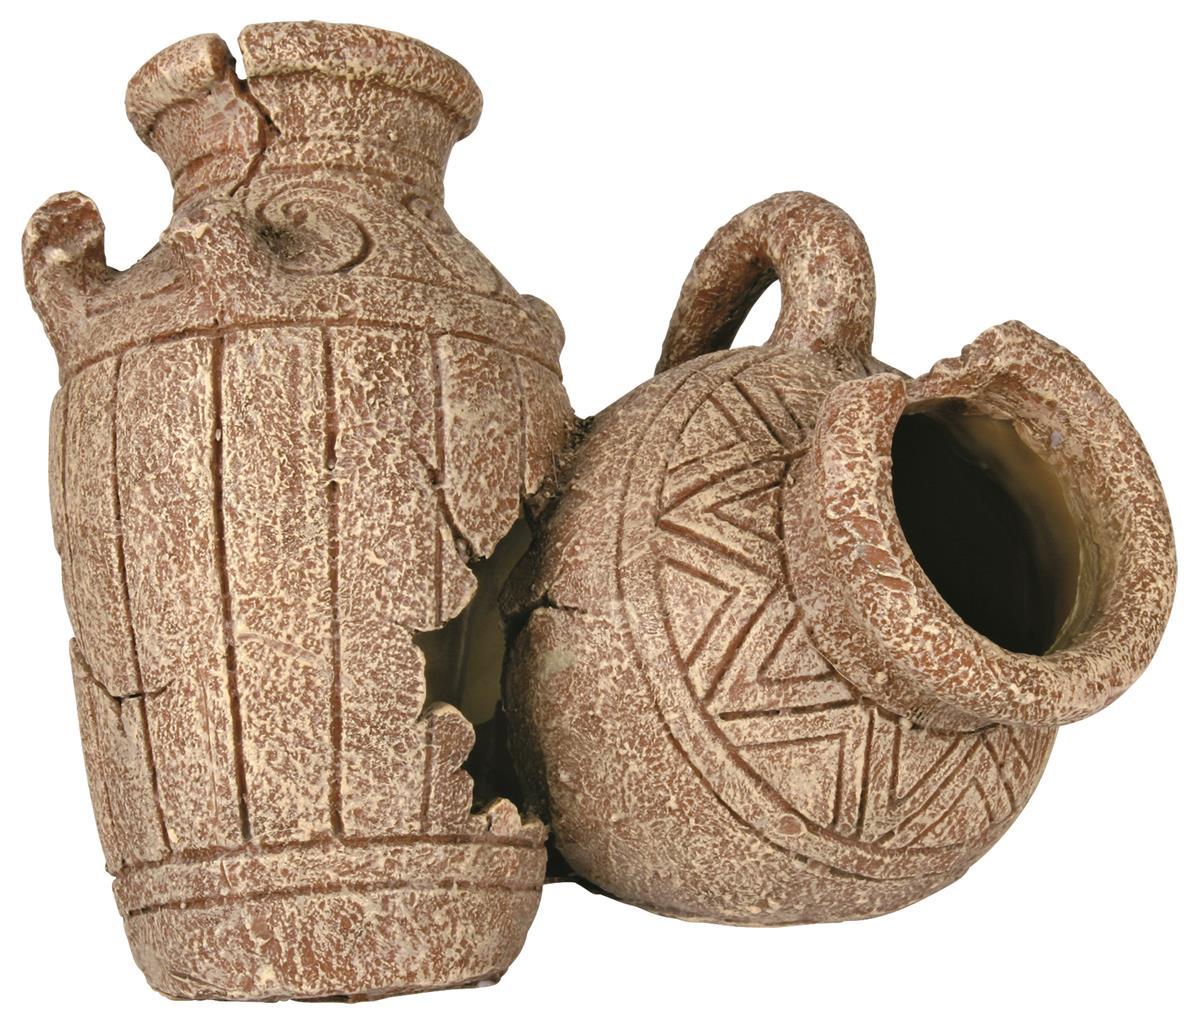 Akvariedekor Amphora urne 18 cm